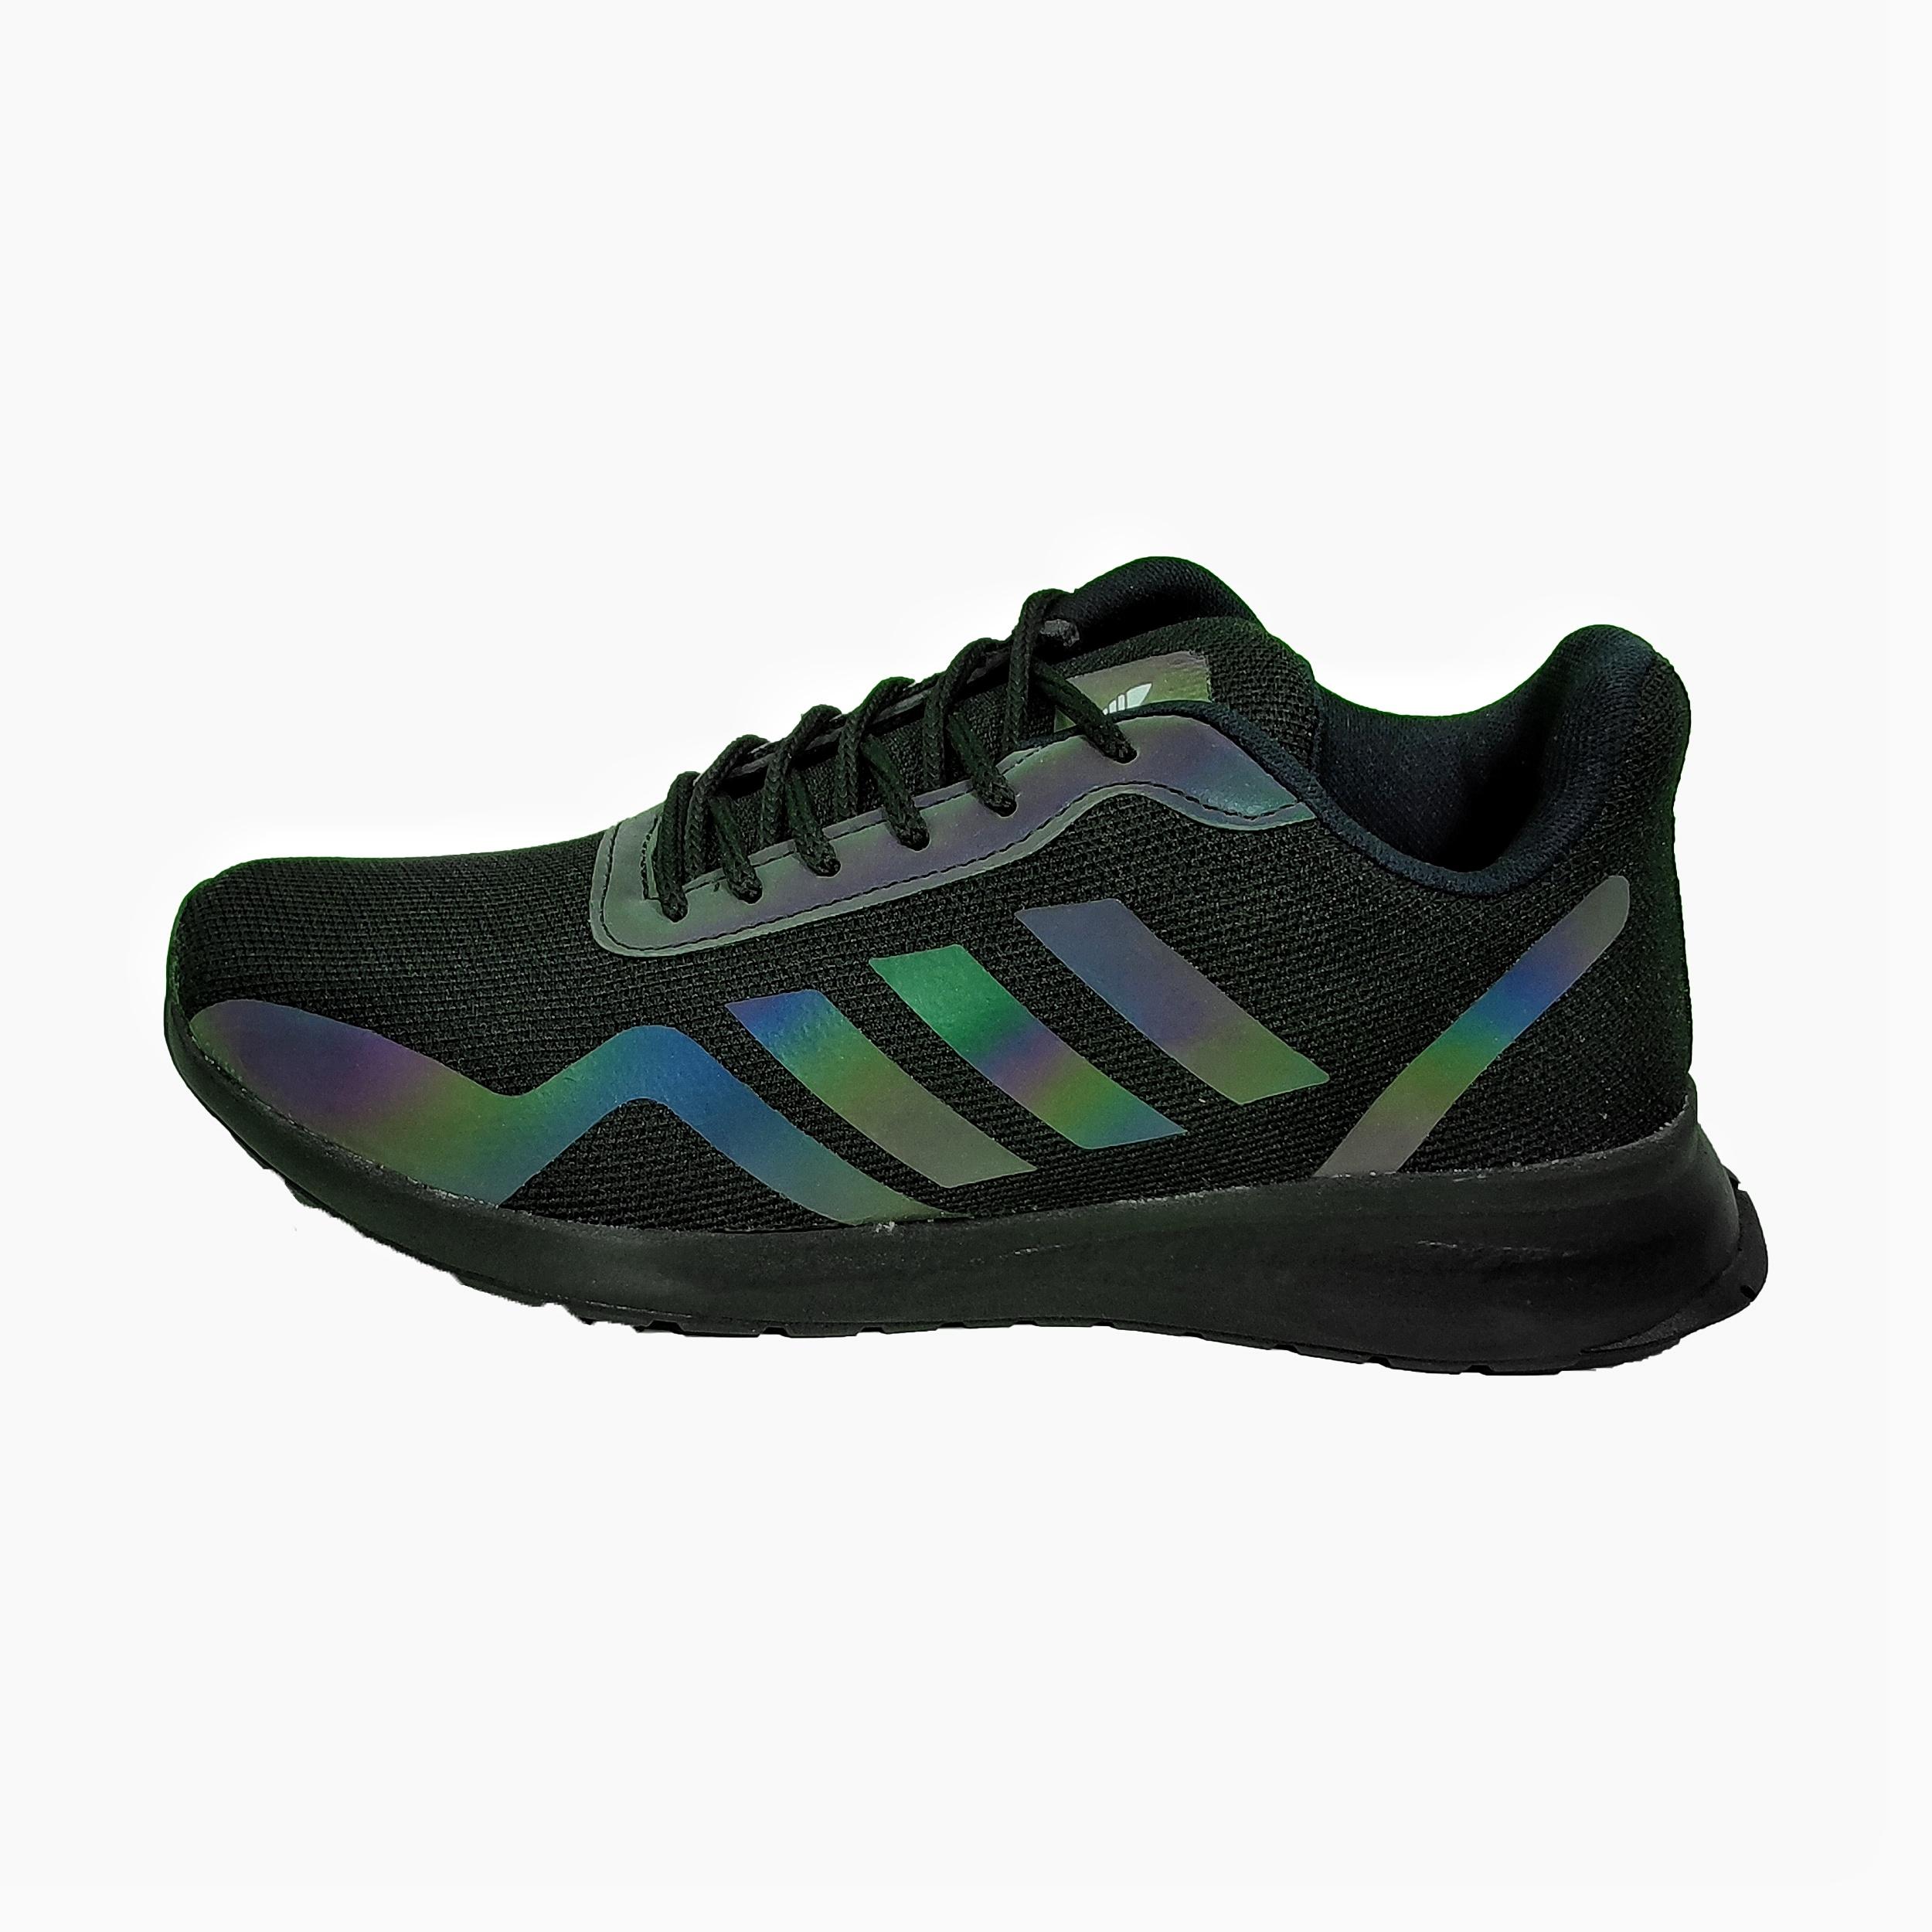 خرید و قیمت                                      کفش پیاده روی مردانه مدل 1241                     غیر اصل